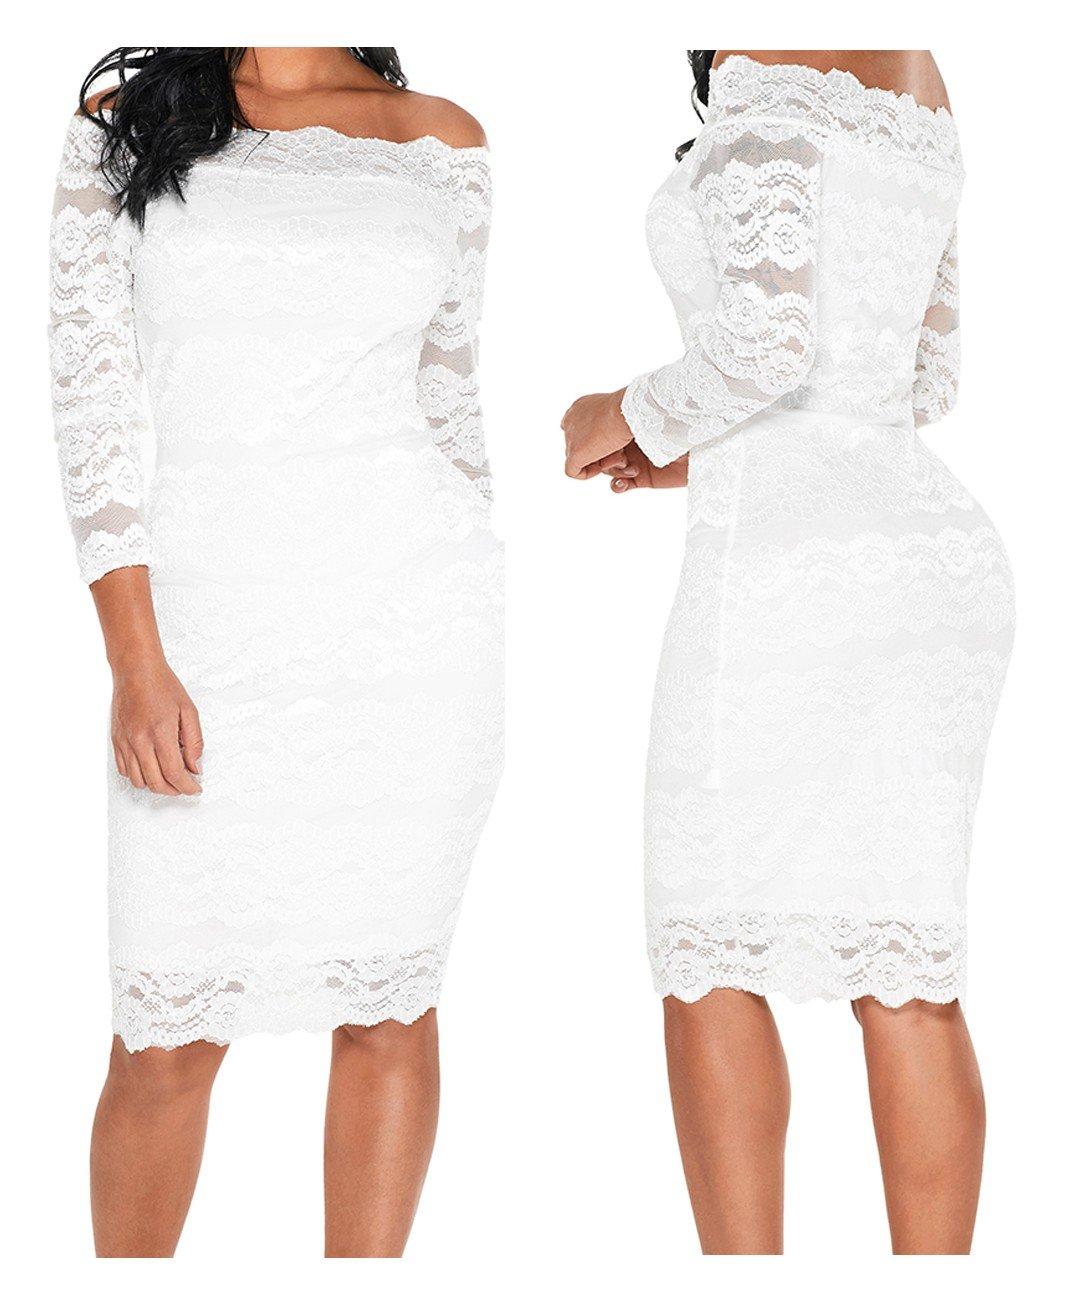 42a36e431c Koronkowa sukienka koktajlowa 61291 biała tu S - 7171721345 ...